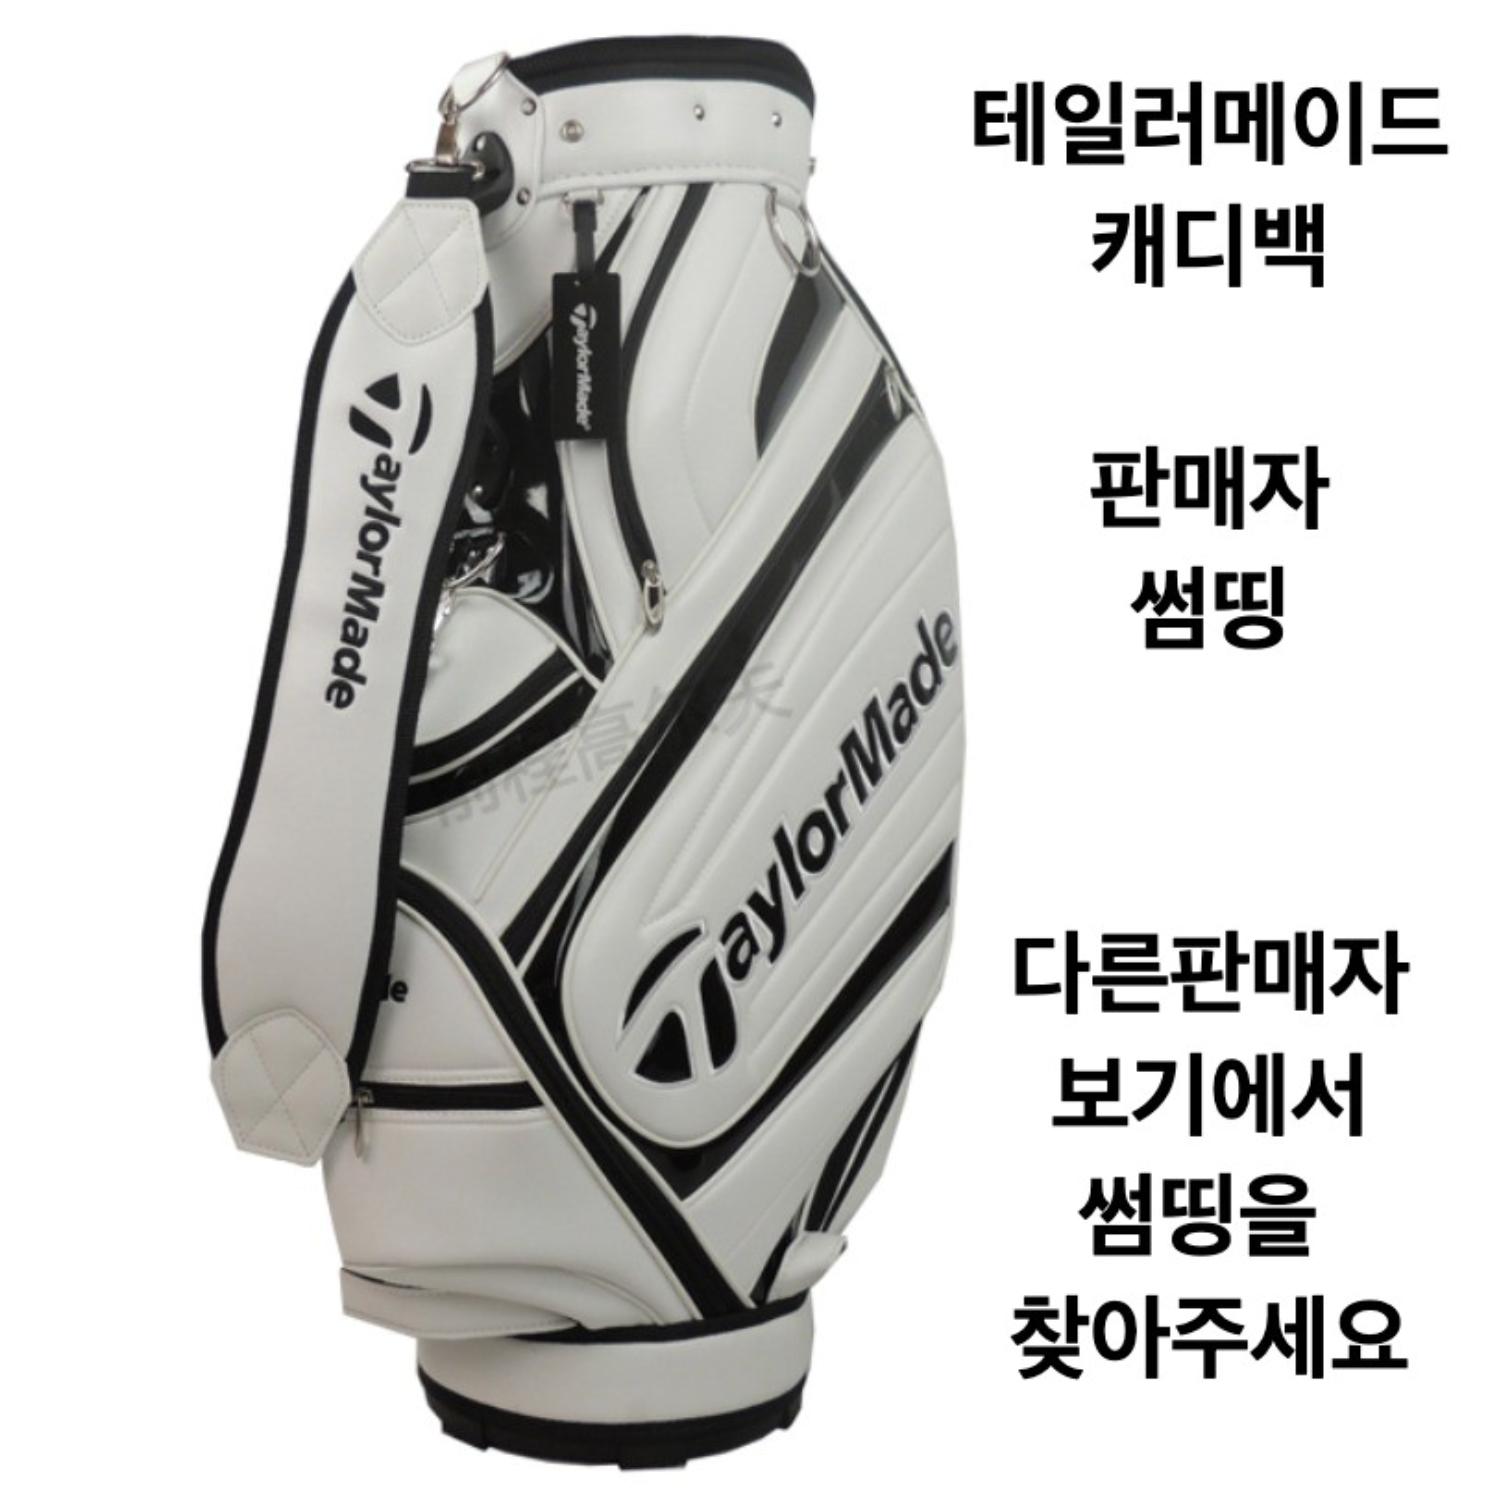 Taylormade 테일러메이드 골프 가방 남자 골프 캐디백 입문자용 항공배송, 기본